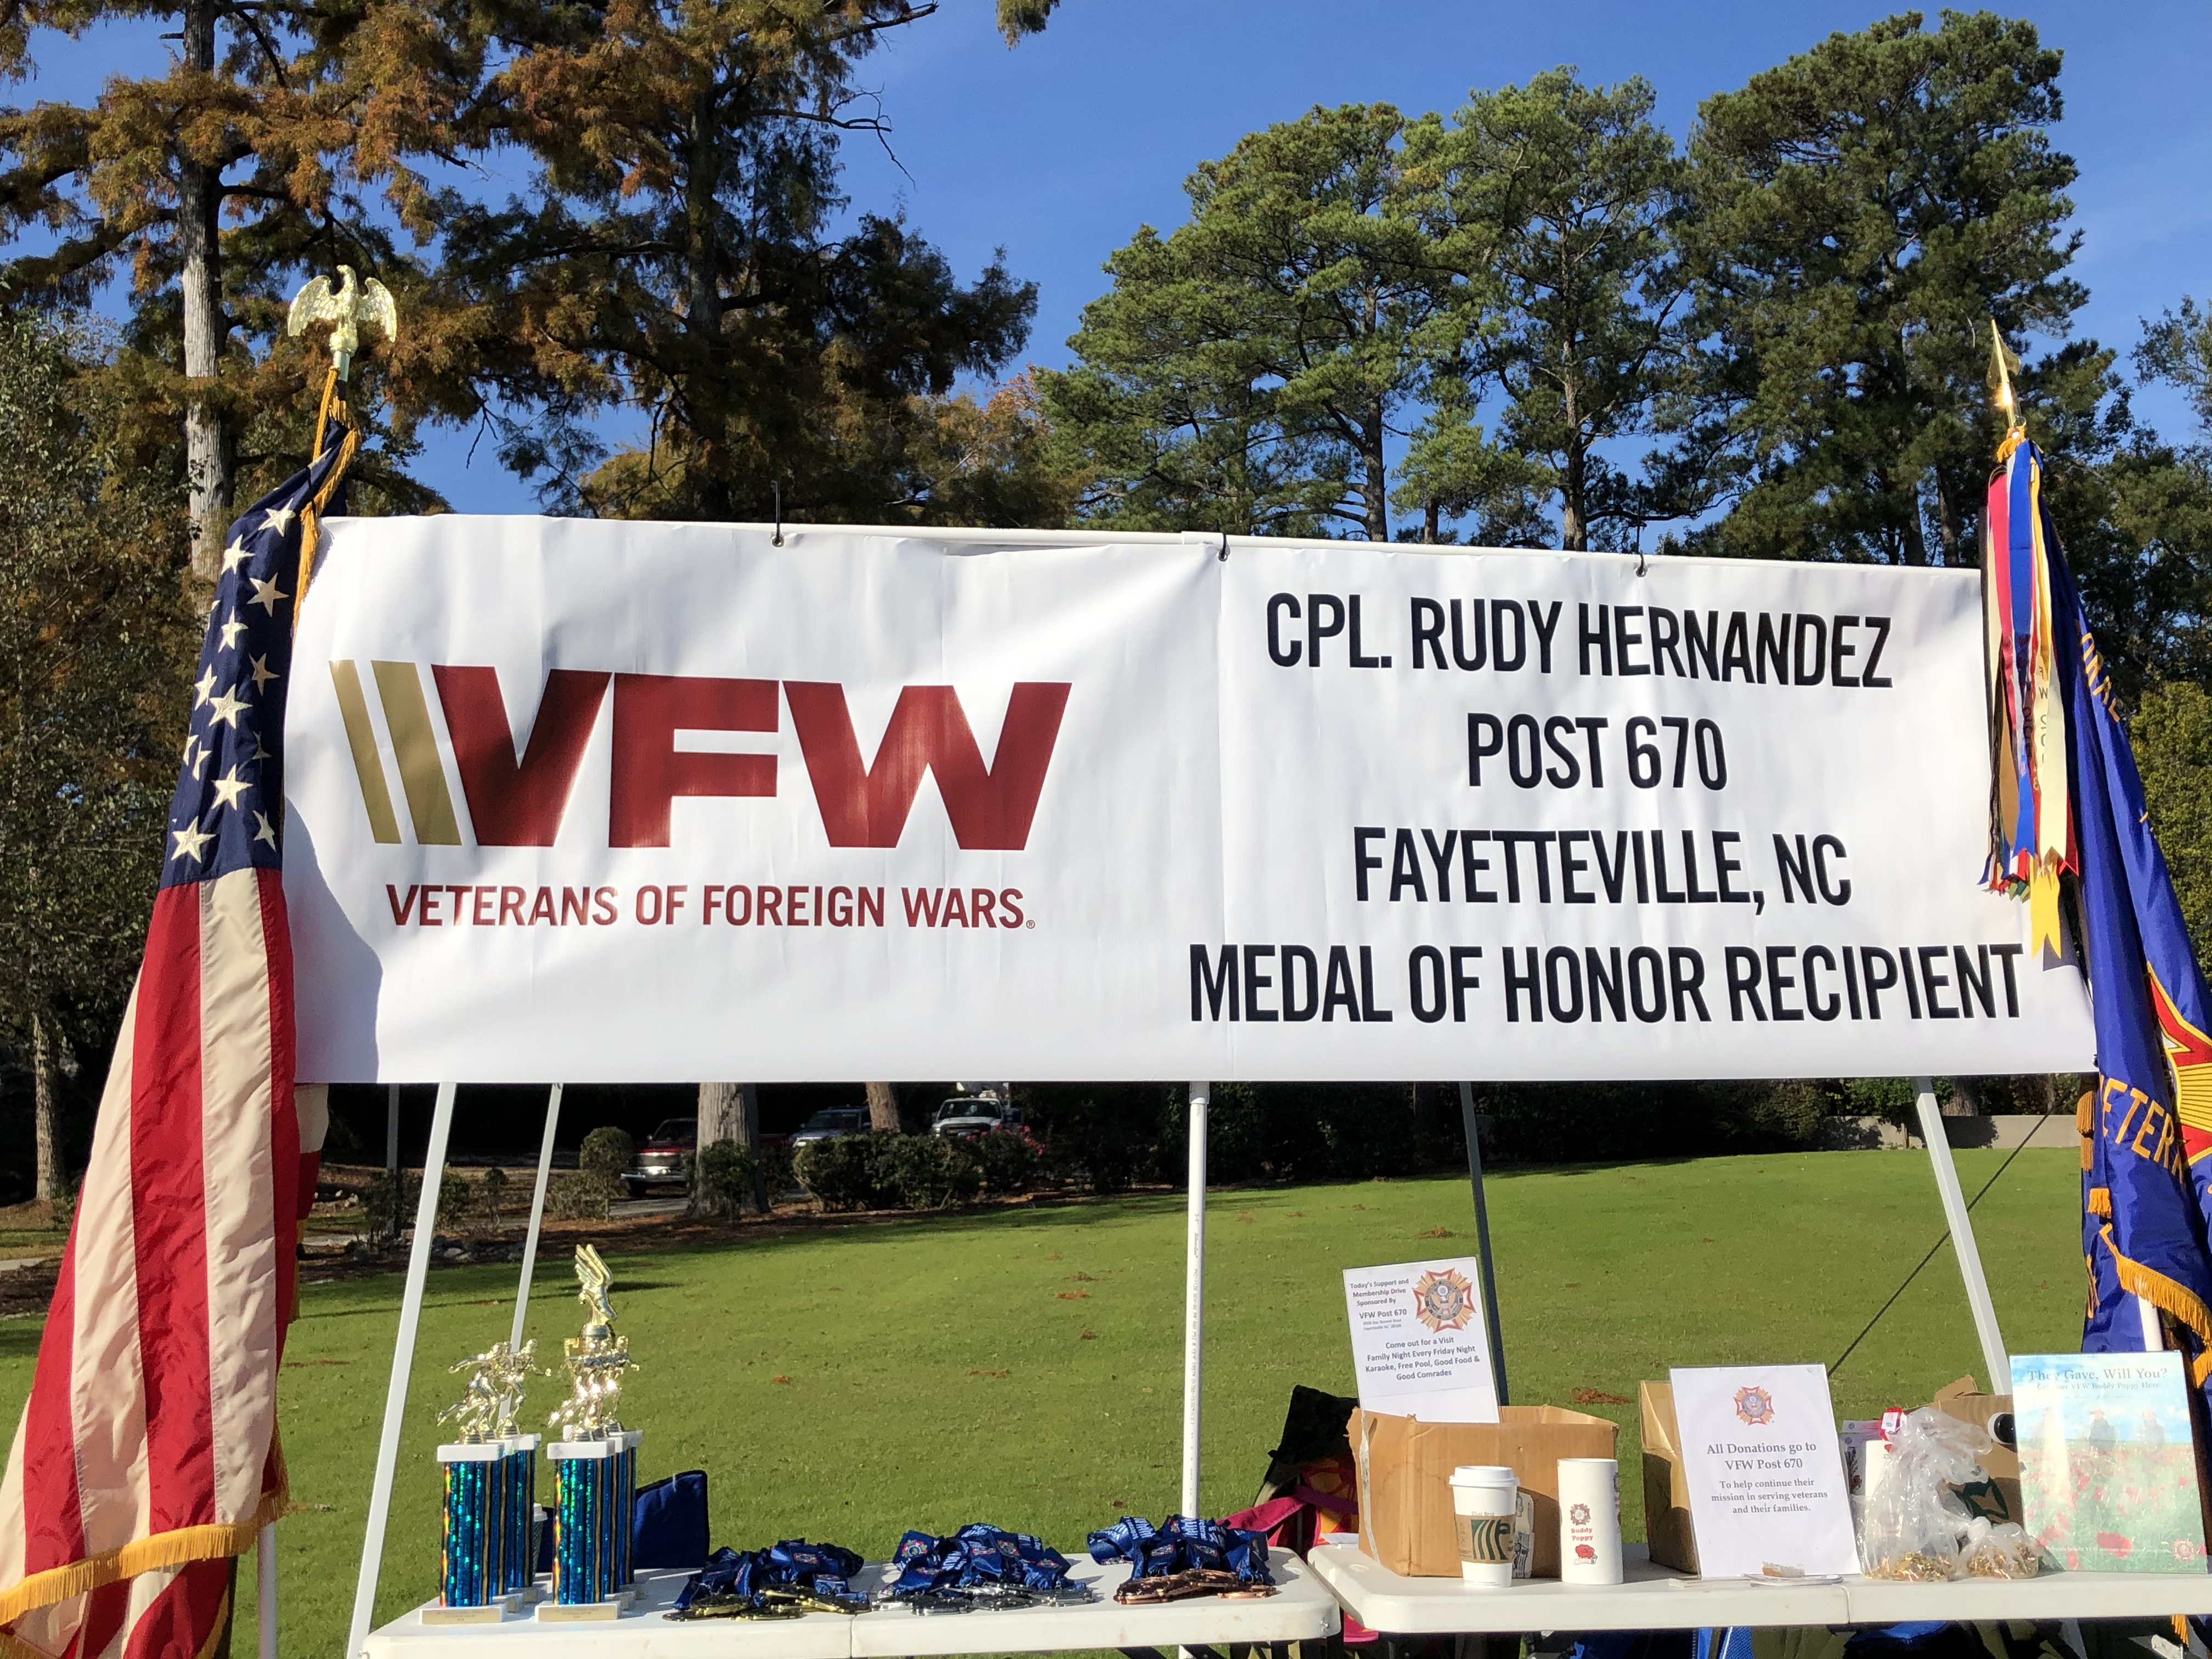 VFW Post 670 Veteran's Day 5k